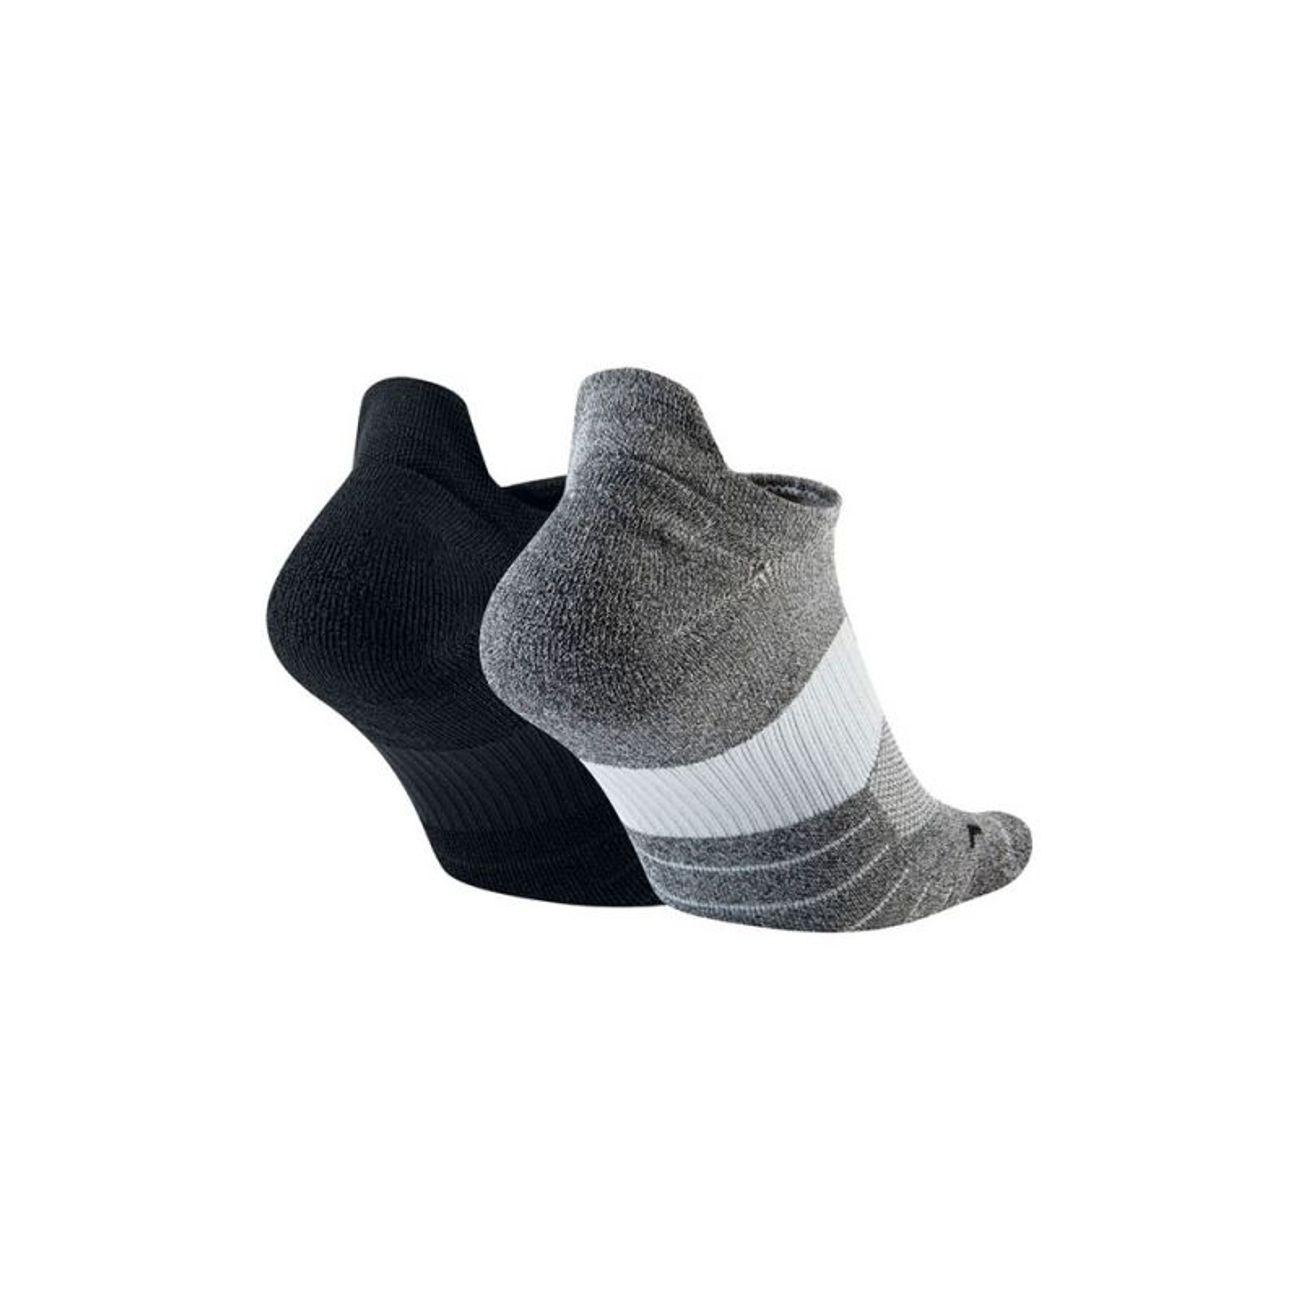 Homme Nike Calcetin Show Negro 2 Gris Padel Paquete Multiplier Nisx7554 Pares 915 No bg7y6f